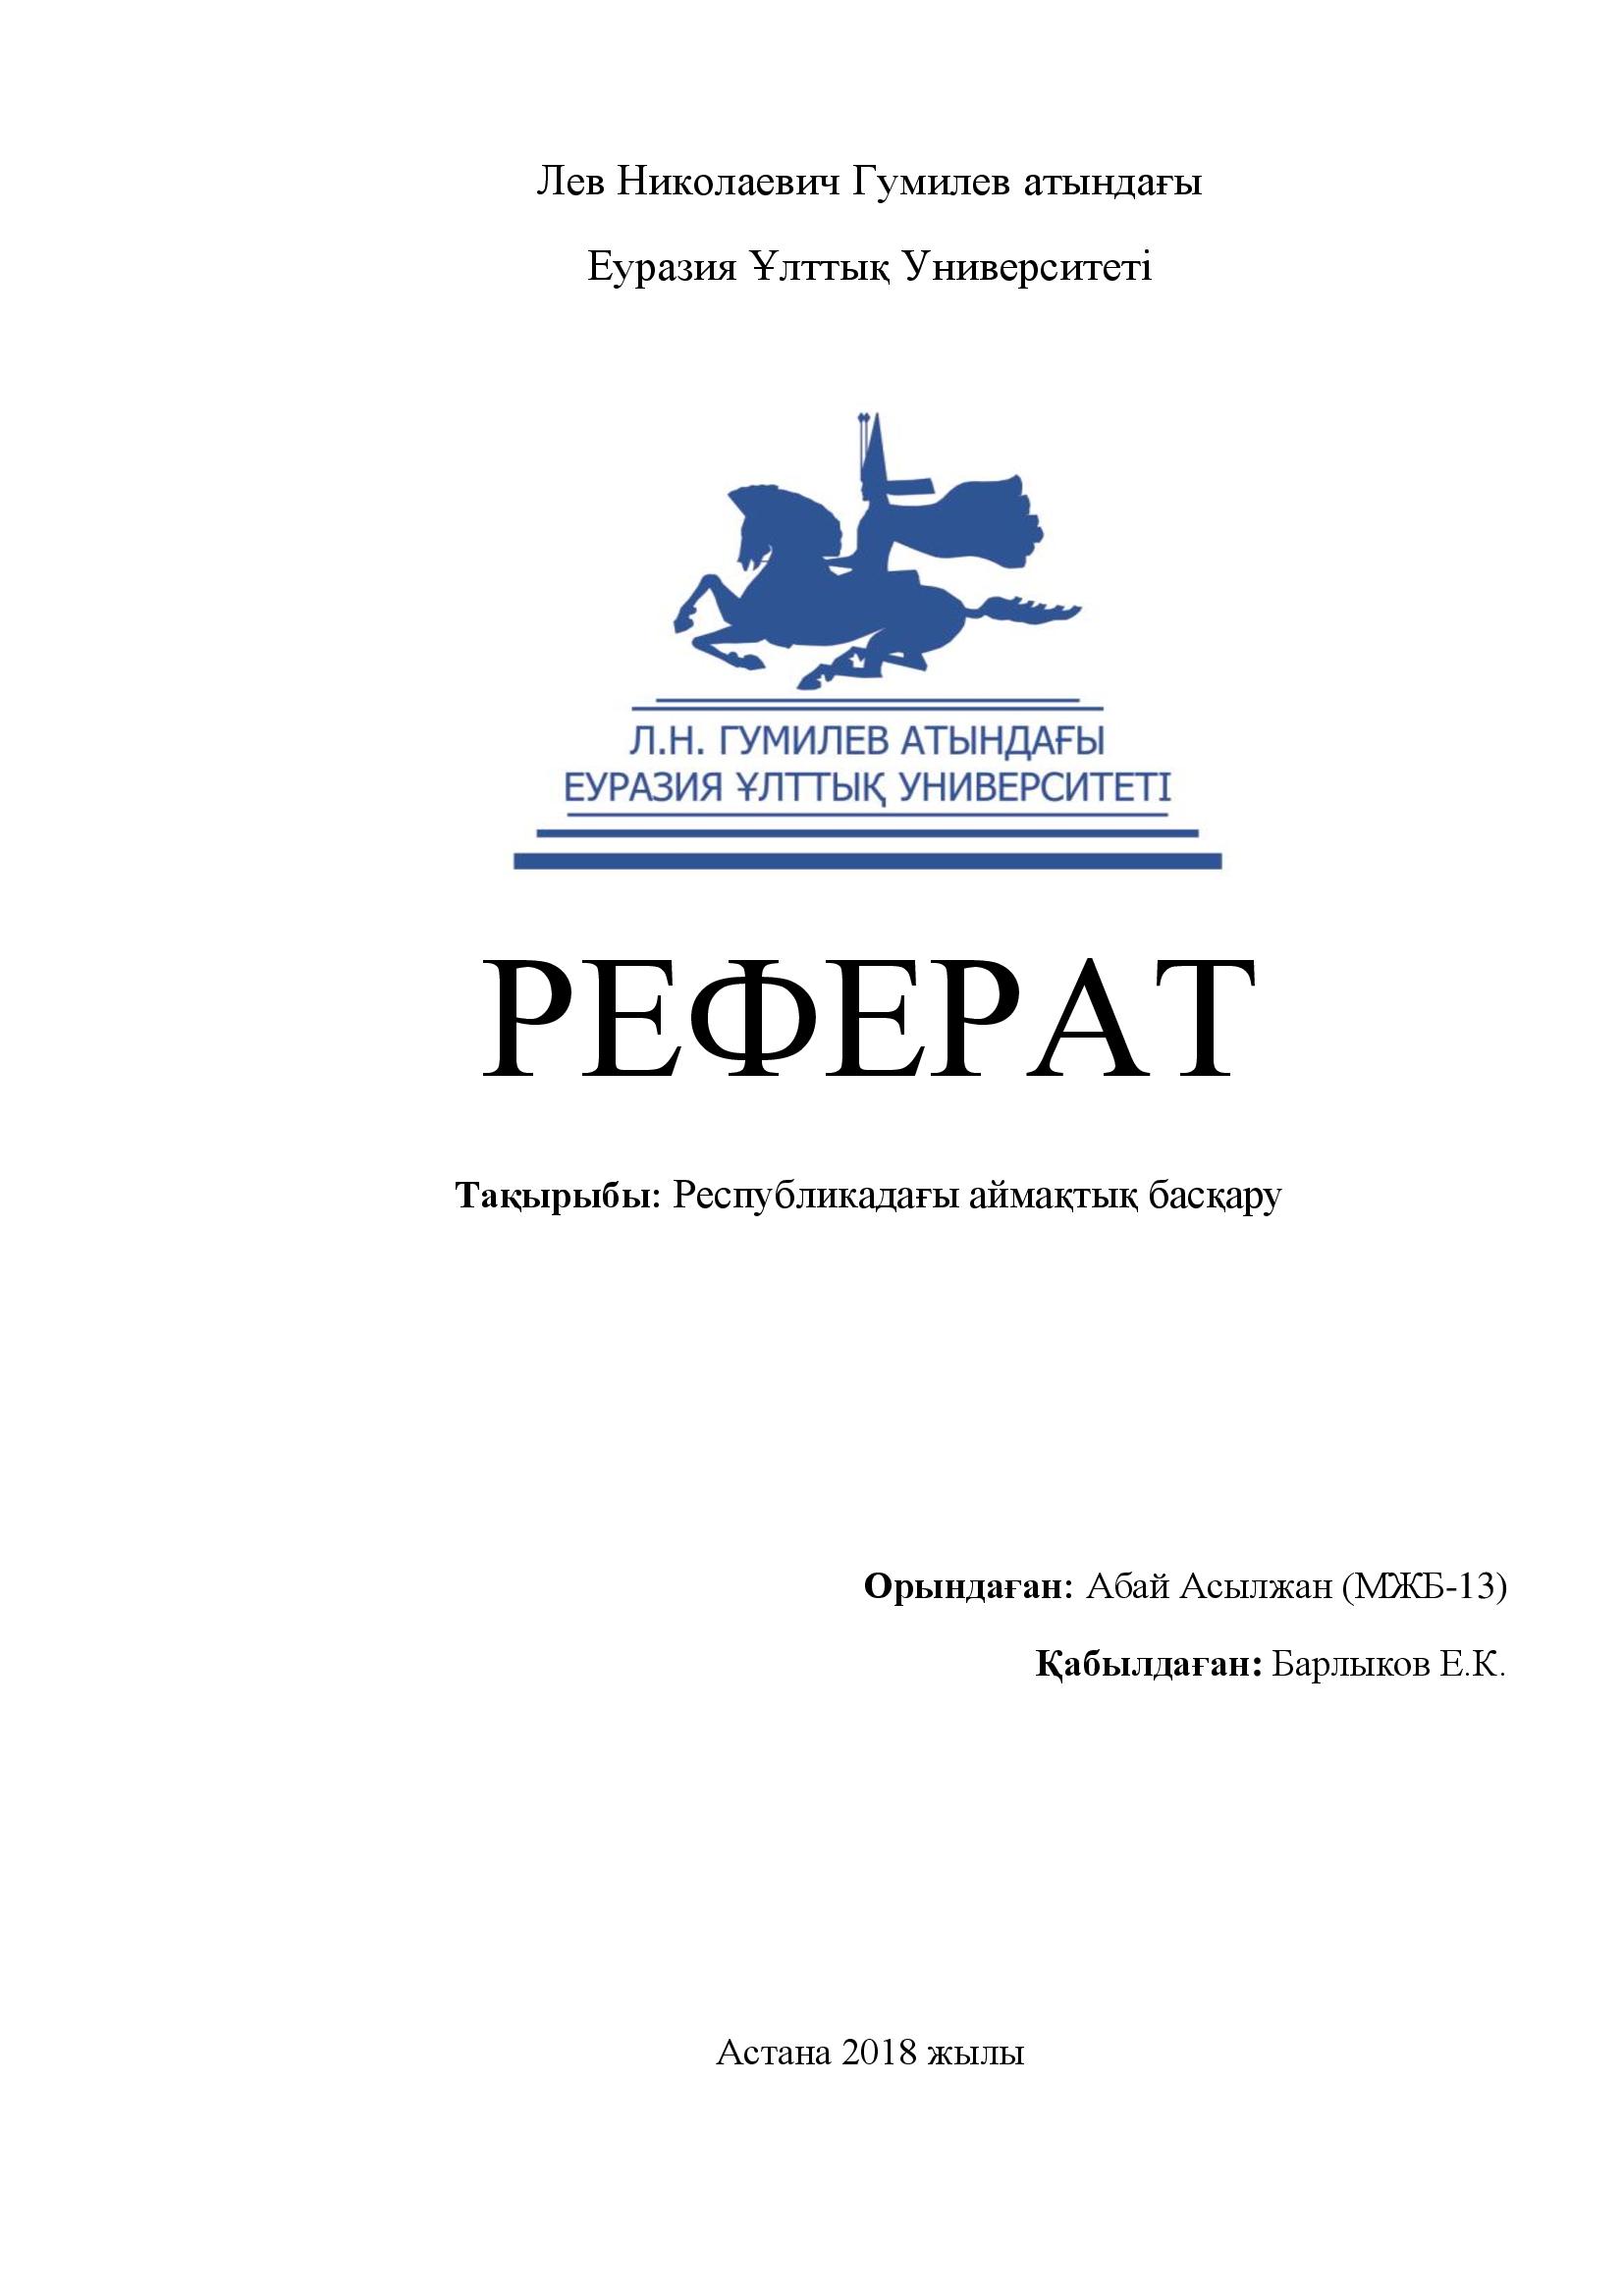 Фото Выполнена работа по созданию реферата. Количество с учетом титульного листа - 9 страниц. Время на выполнение - 2,5 часа. Язык - казахский.